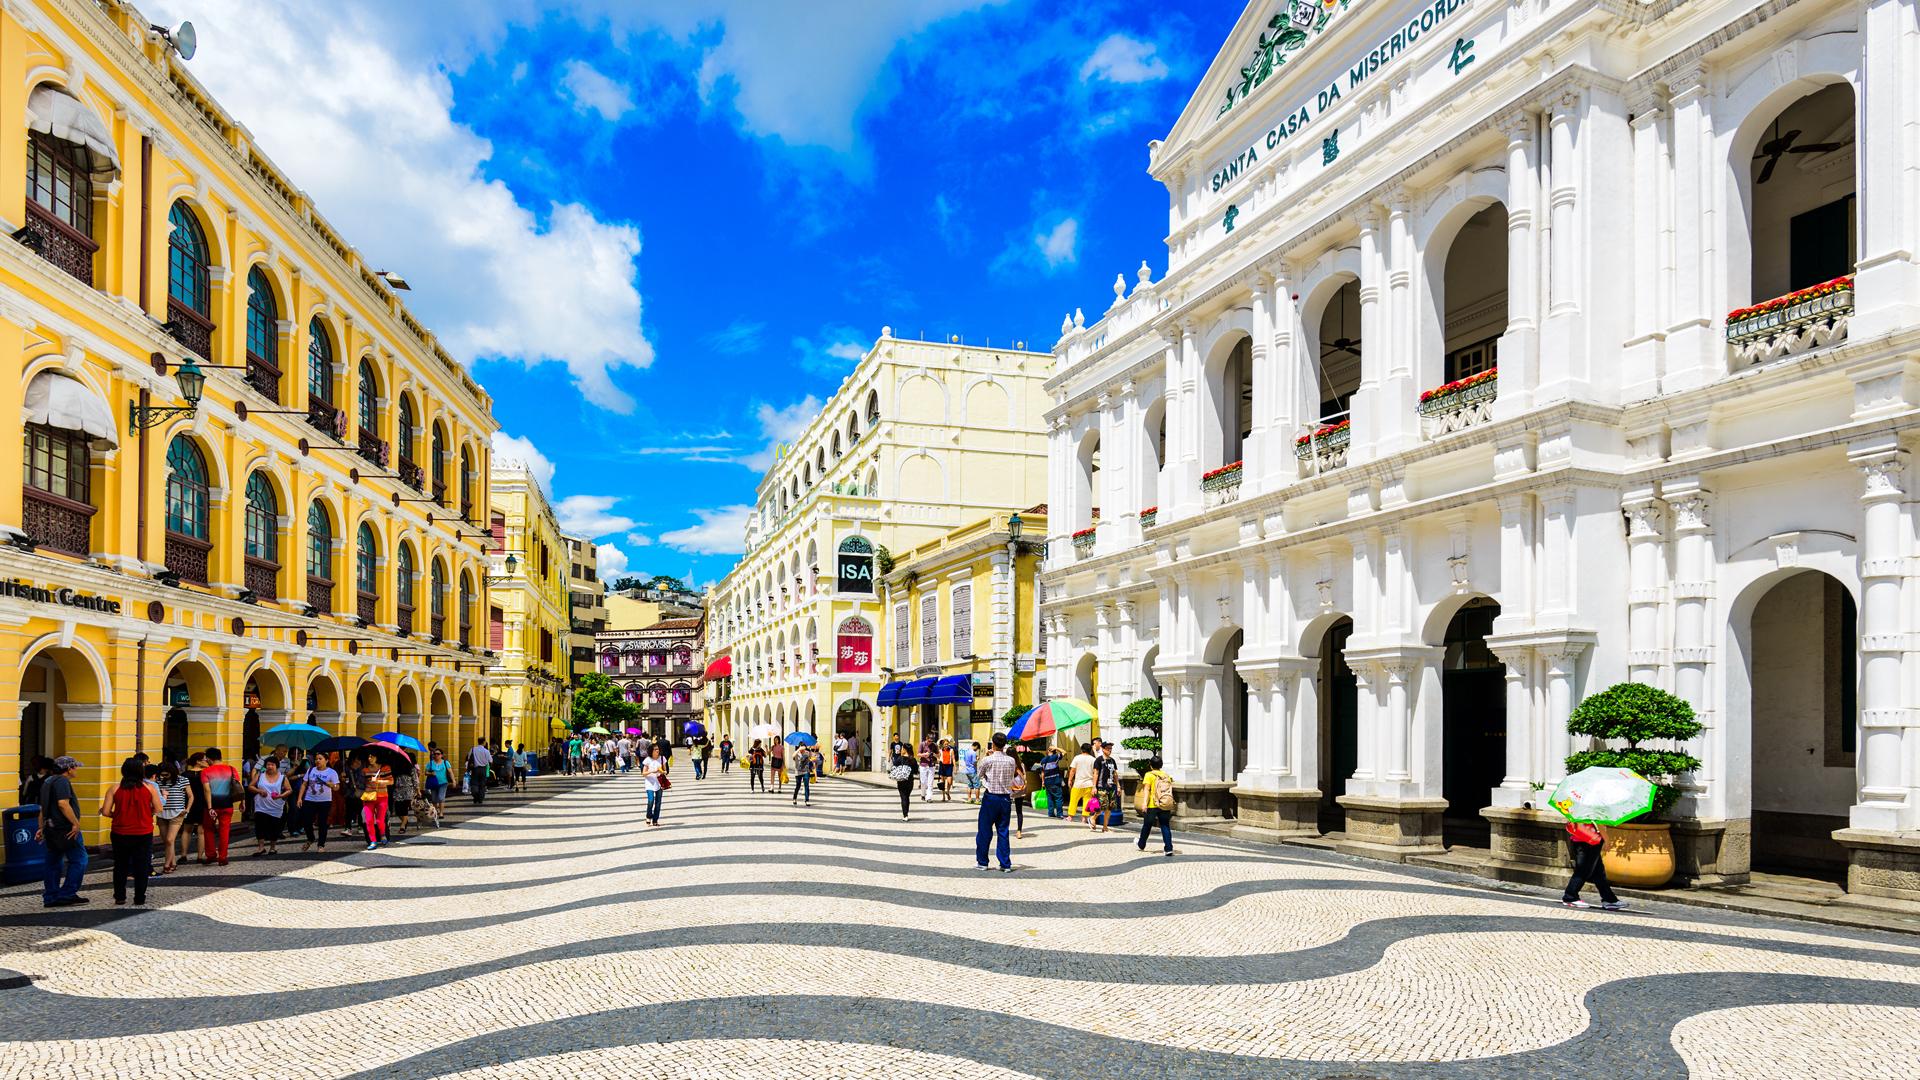 El Largo do Senado, es una plaza de Macao que forma parte del centro histórico, declarado Patrimonio de la Humanidad por la UNESCO (iStock)